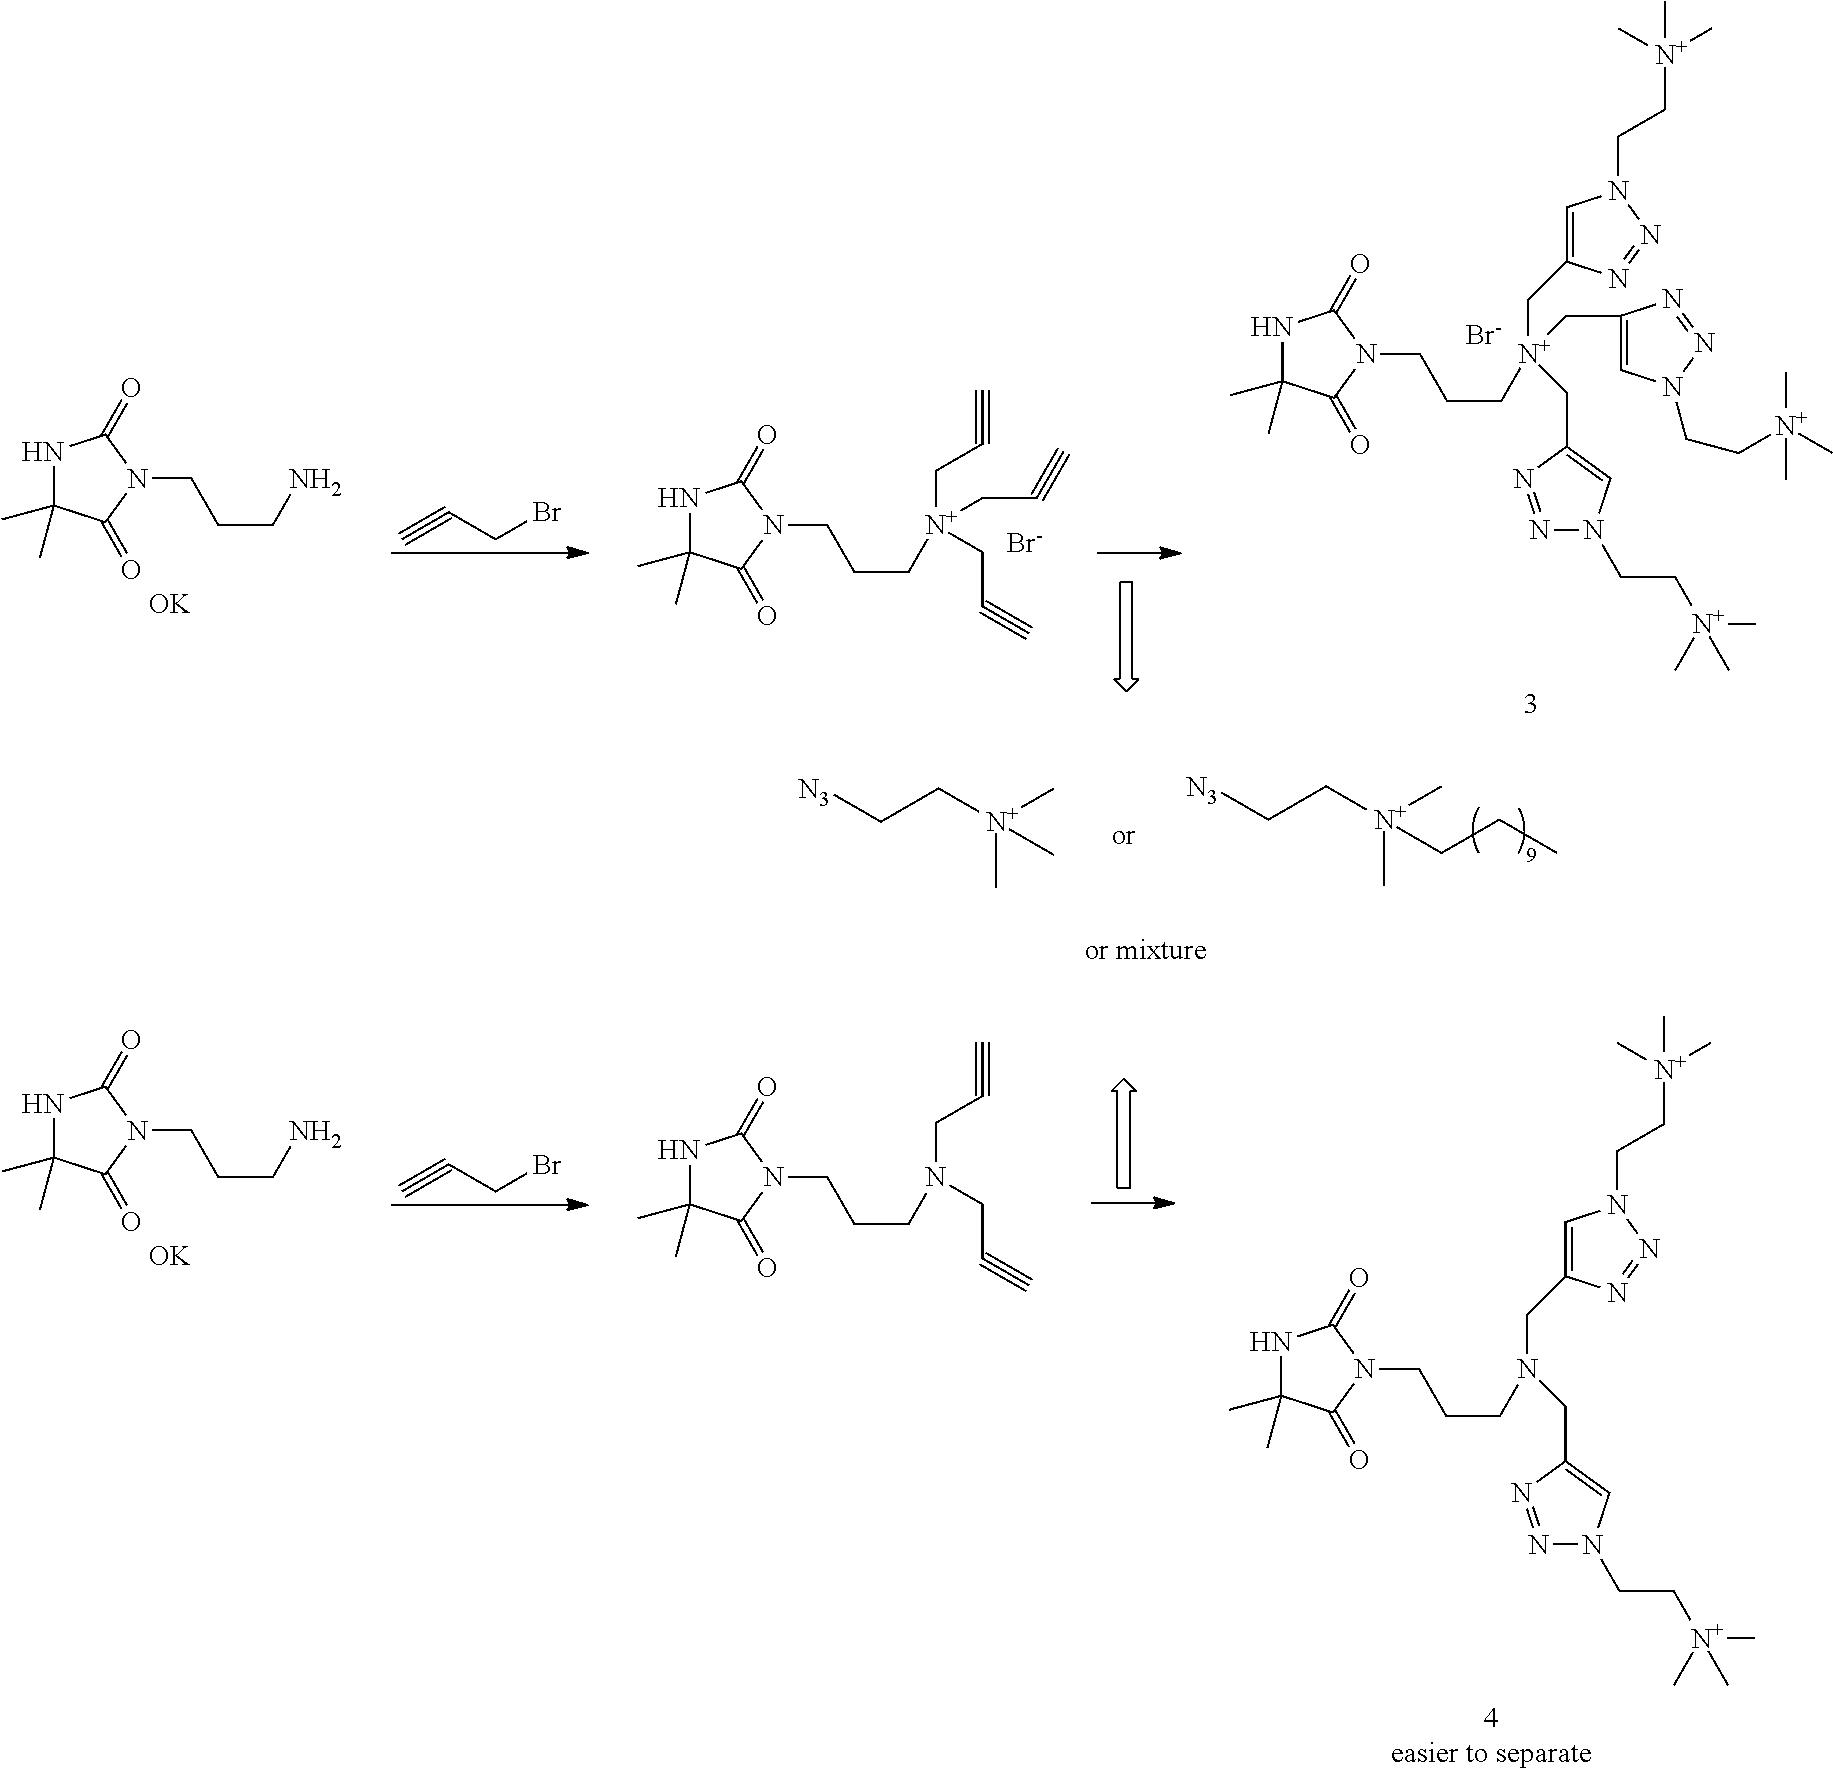 Figure US20150118179A1-20150430-C00053